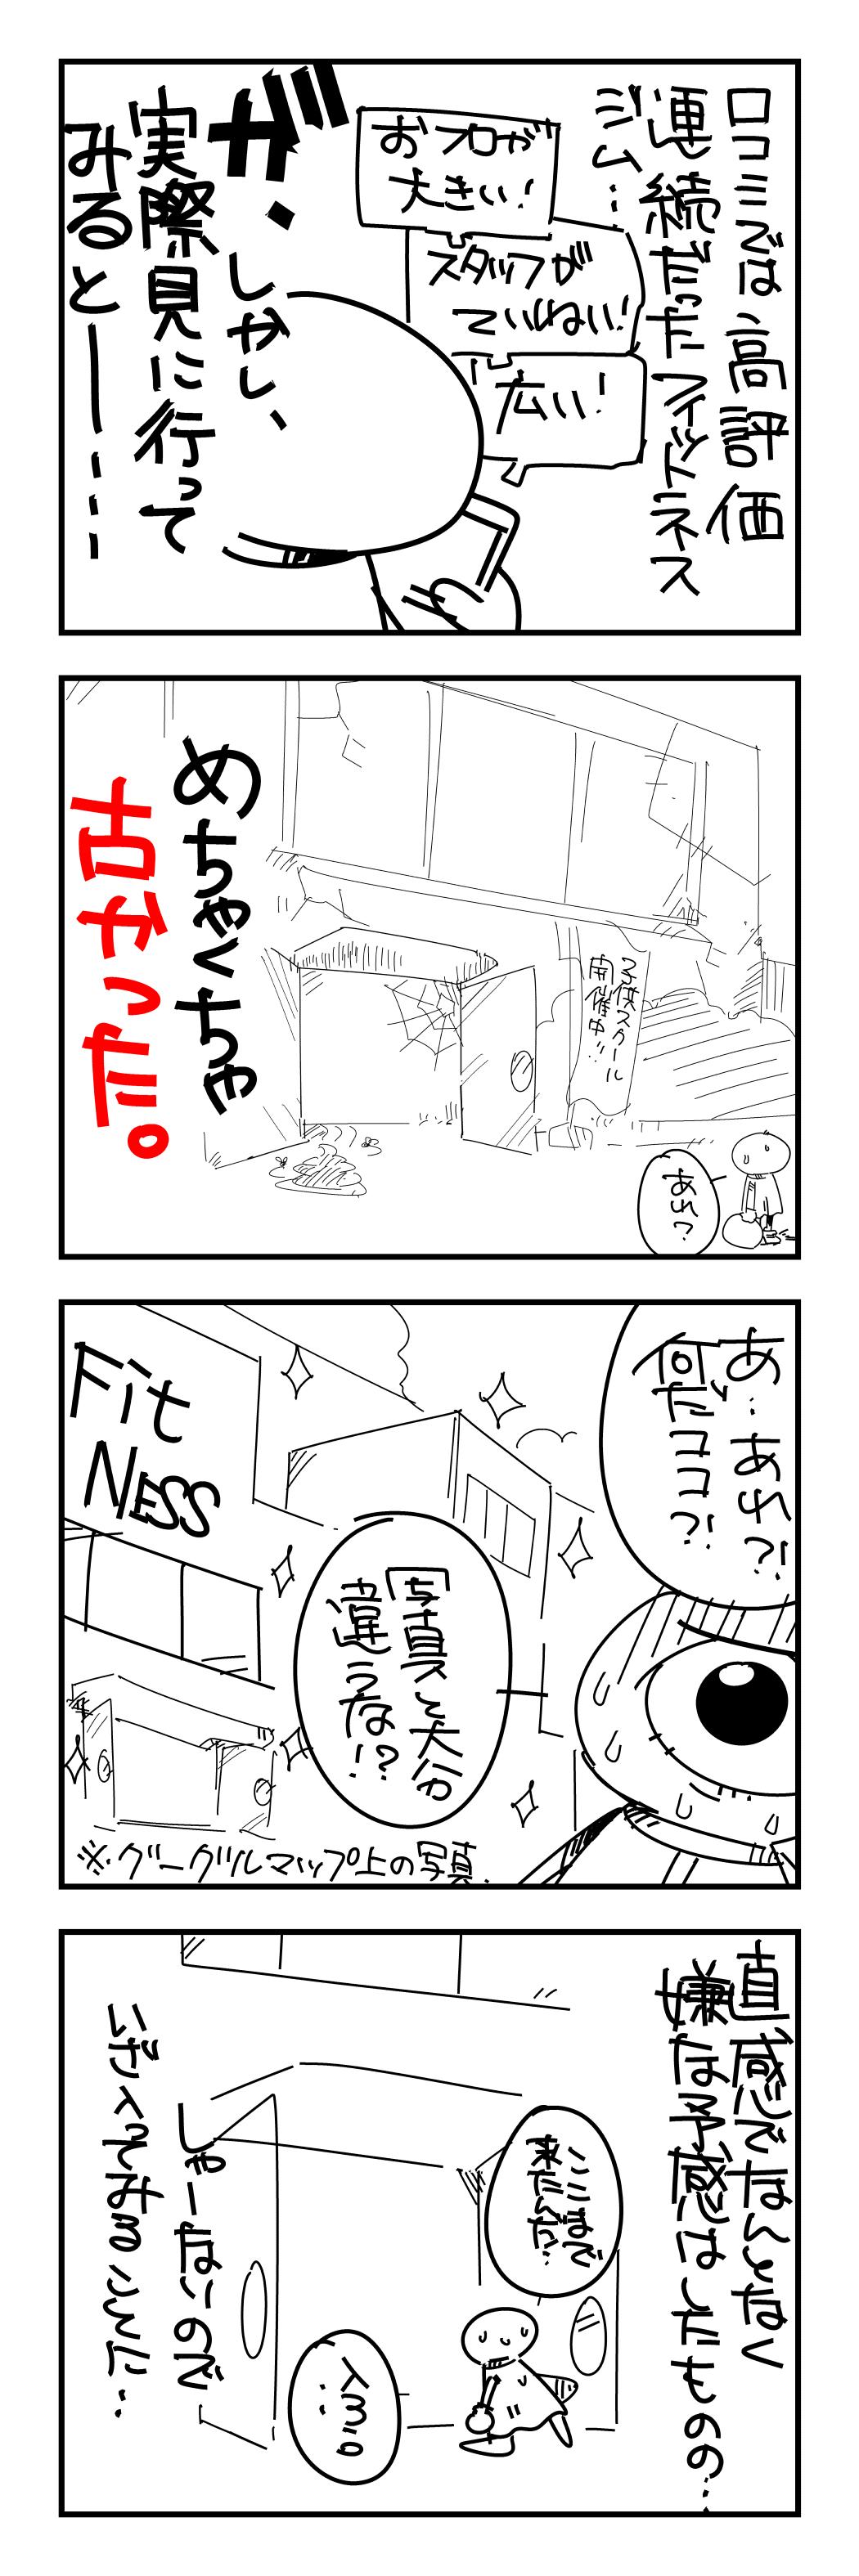 f:id:terashimaru117:20200916090909j:plain